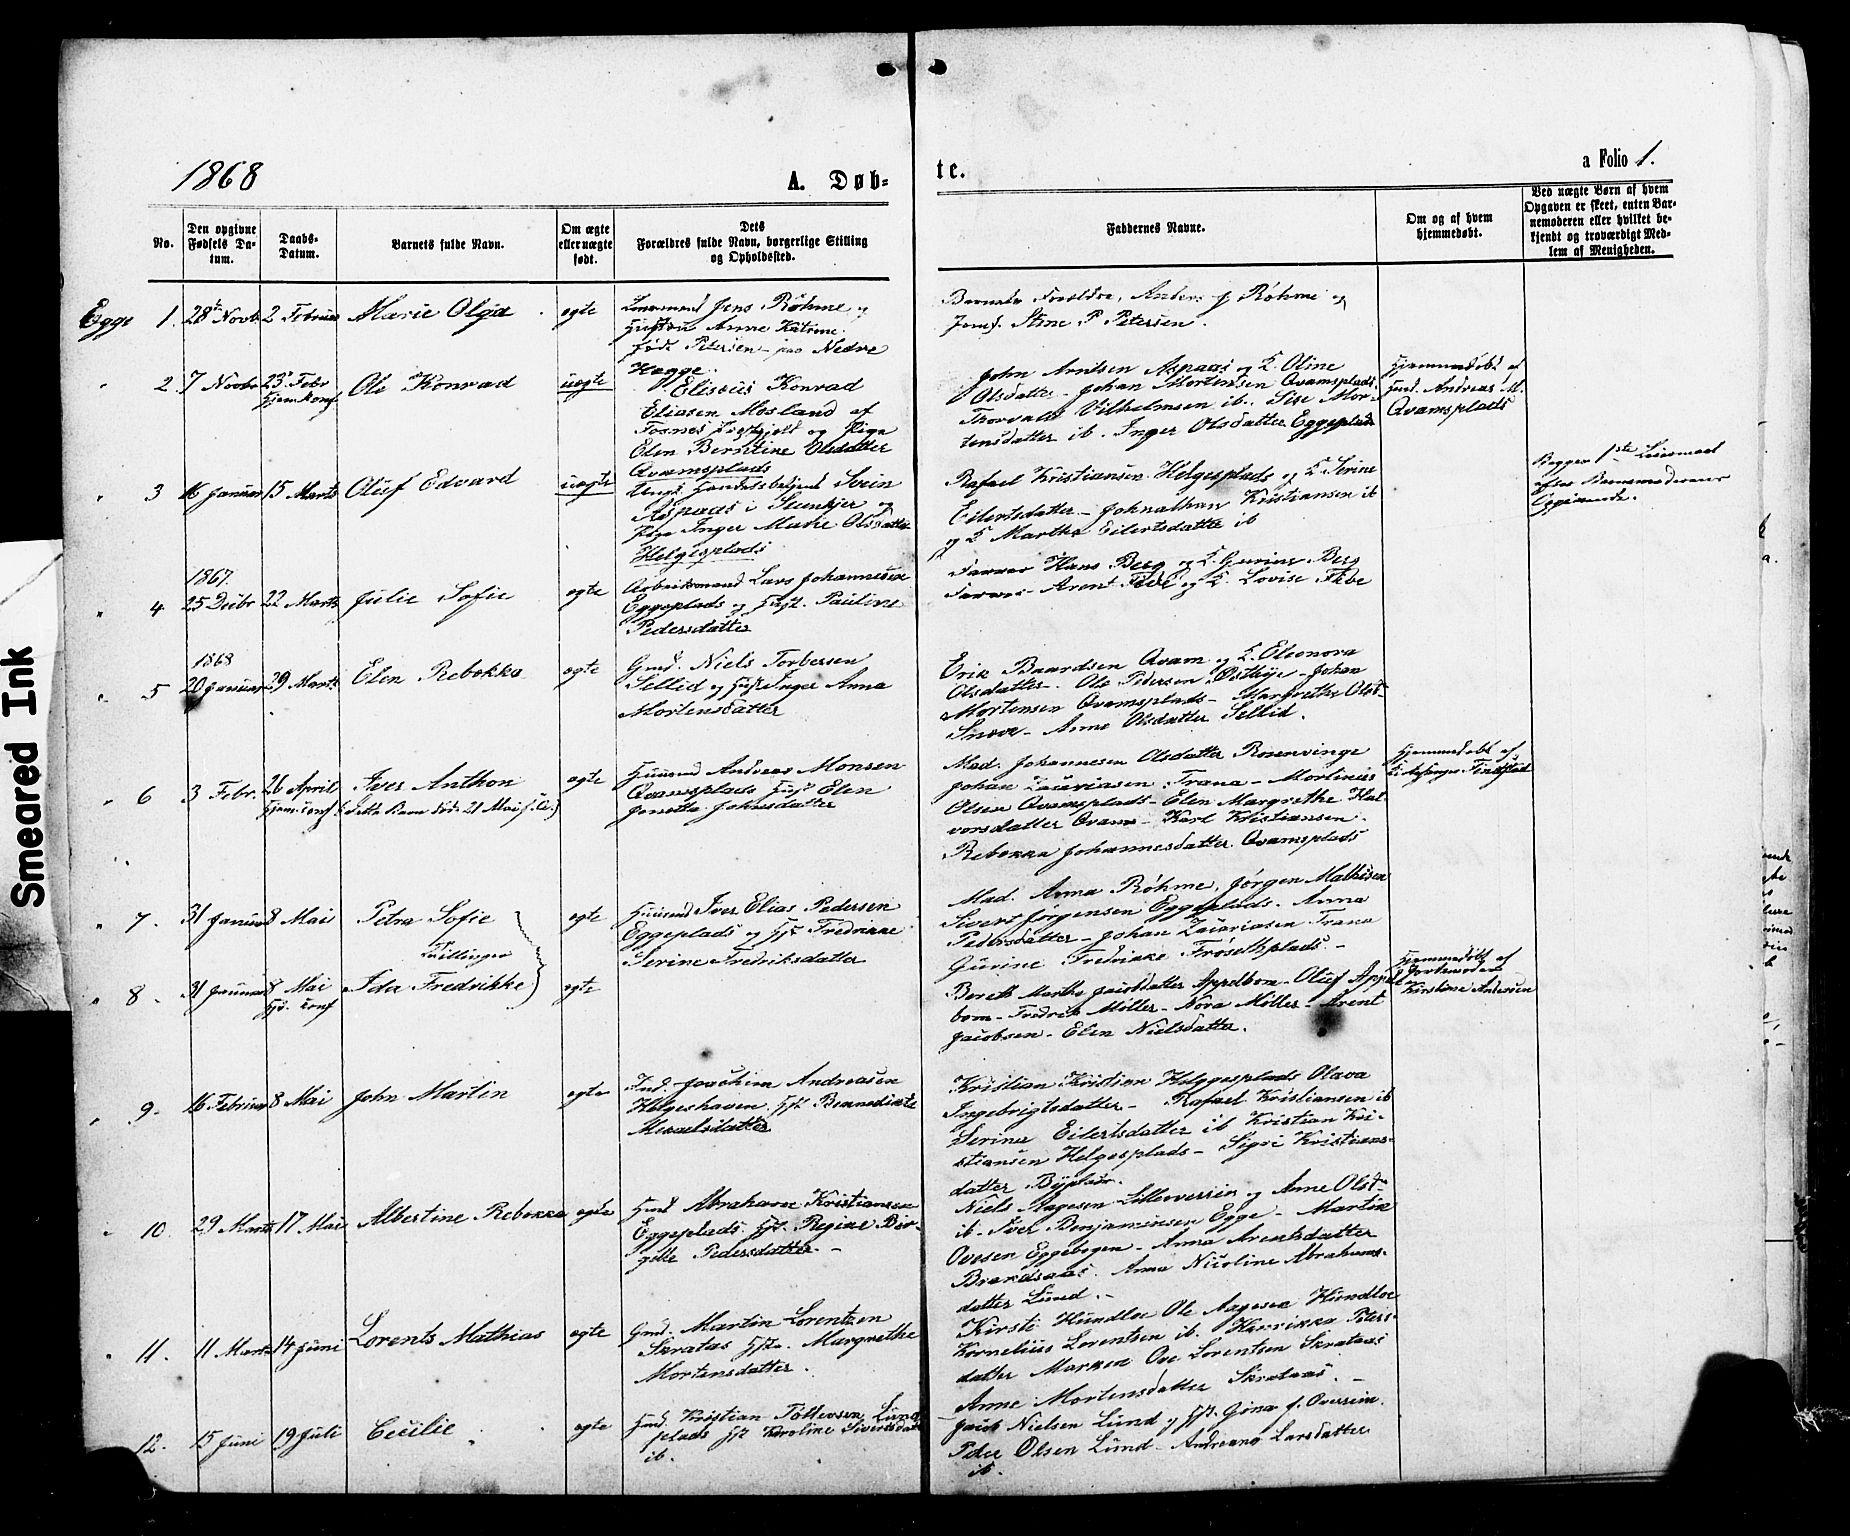 SAT, Ministerialprotokoller, klokkerbøker og fødselsregistre - Nord-Trøndelag, 740/L0380: Klokkerbok nr. 740C01, 1868-1902, s. 1